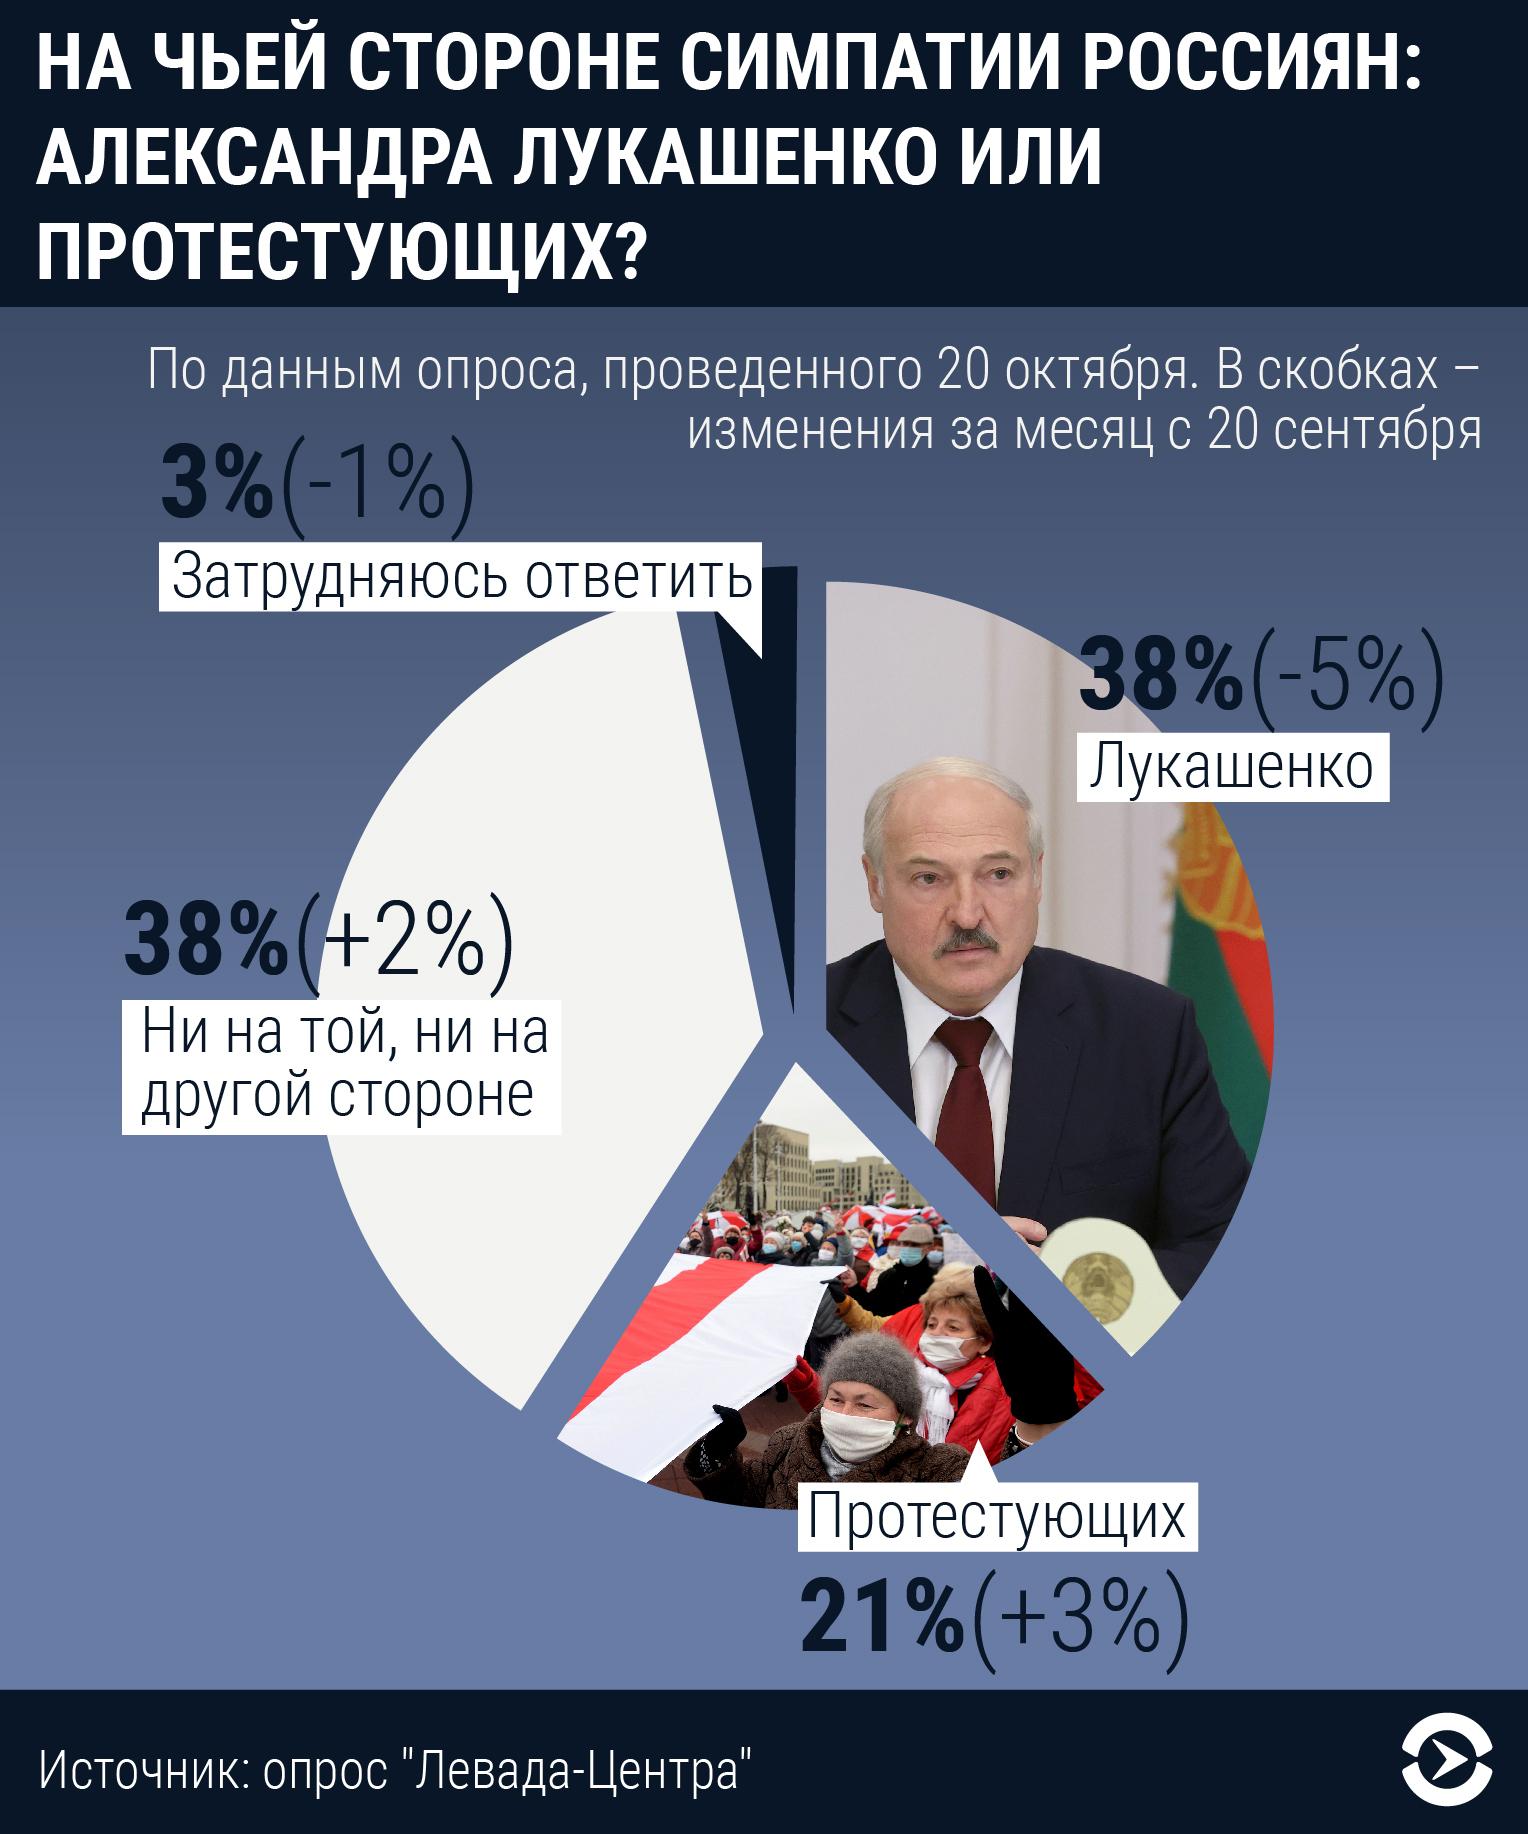 Підтримка Лукашенка в Росії